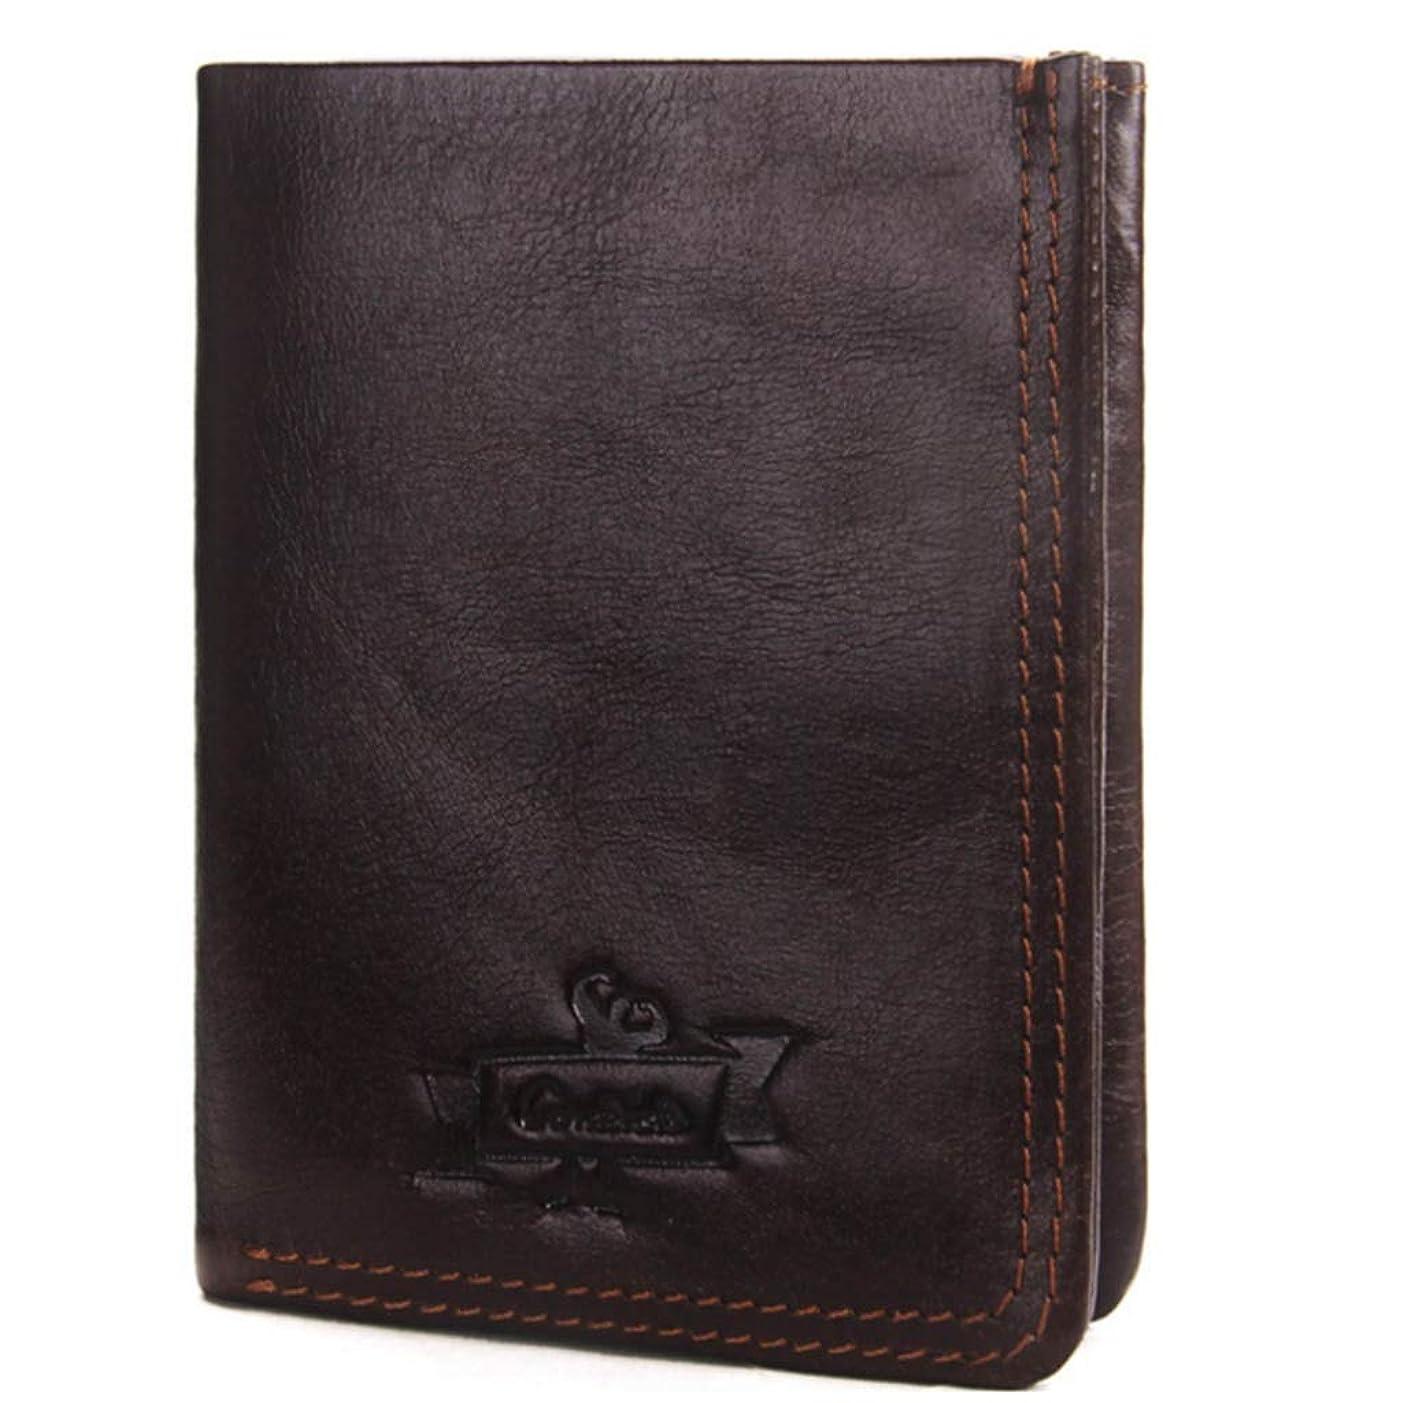 性交損傷集中的なメンズウォレットレザーレトロ二重クラッチクレイジーホースコート財布カードケース